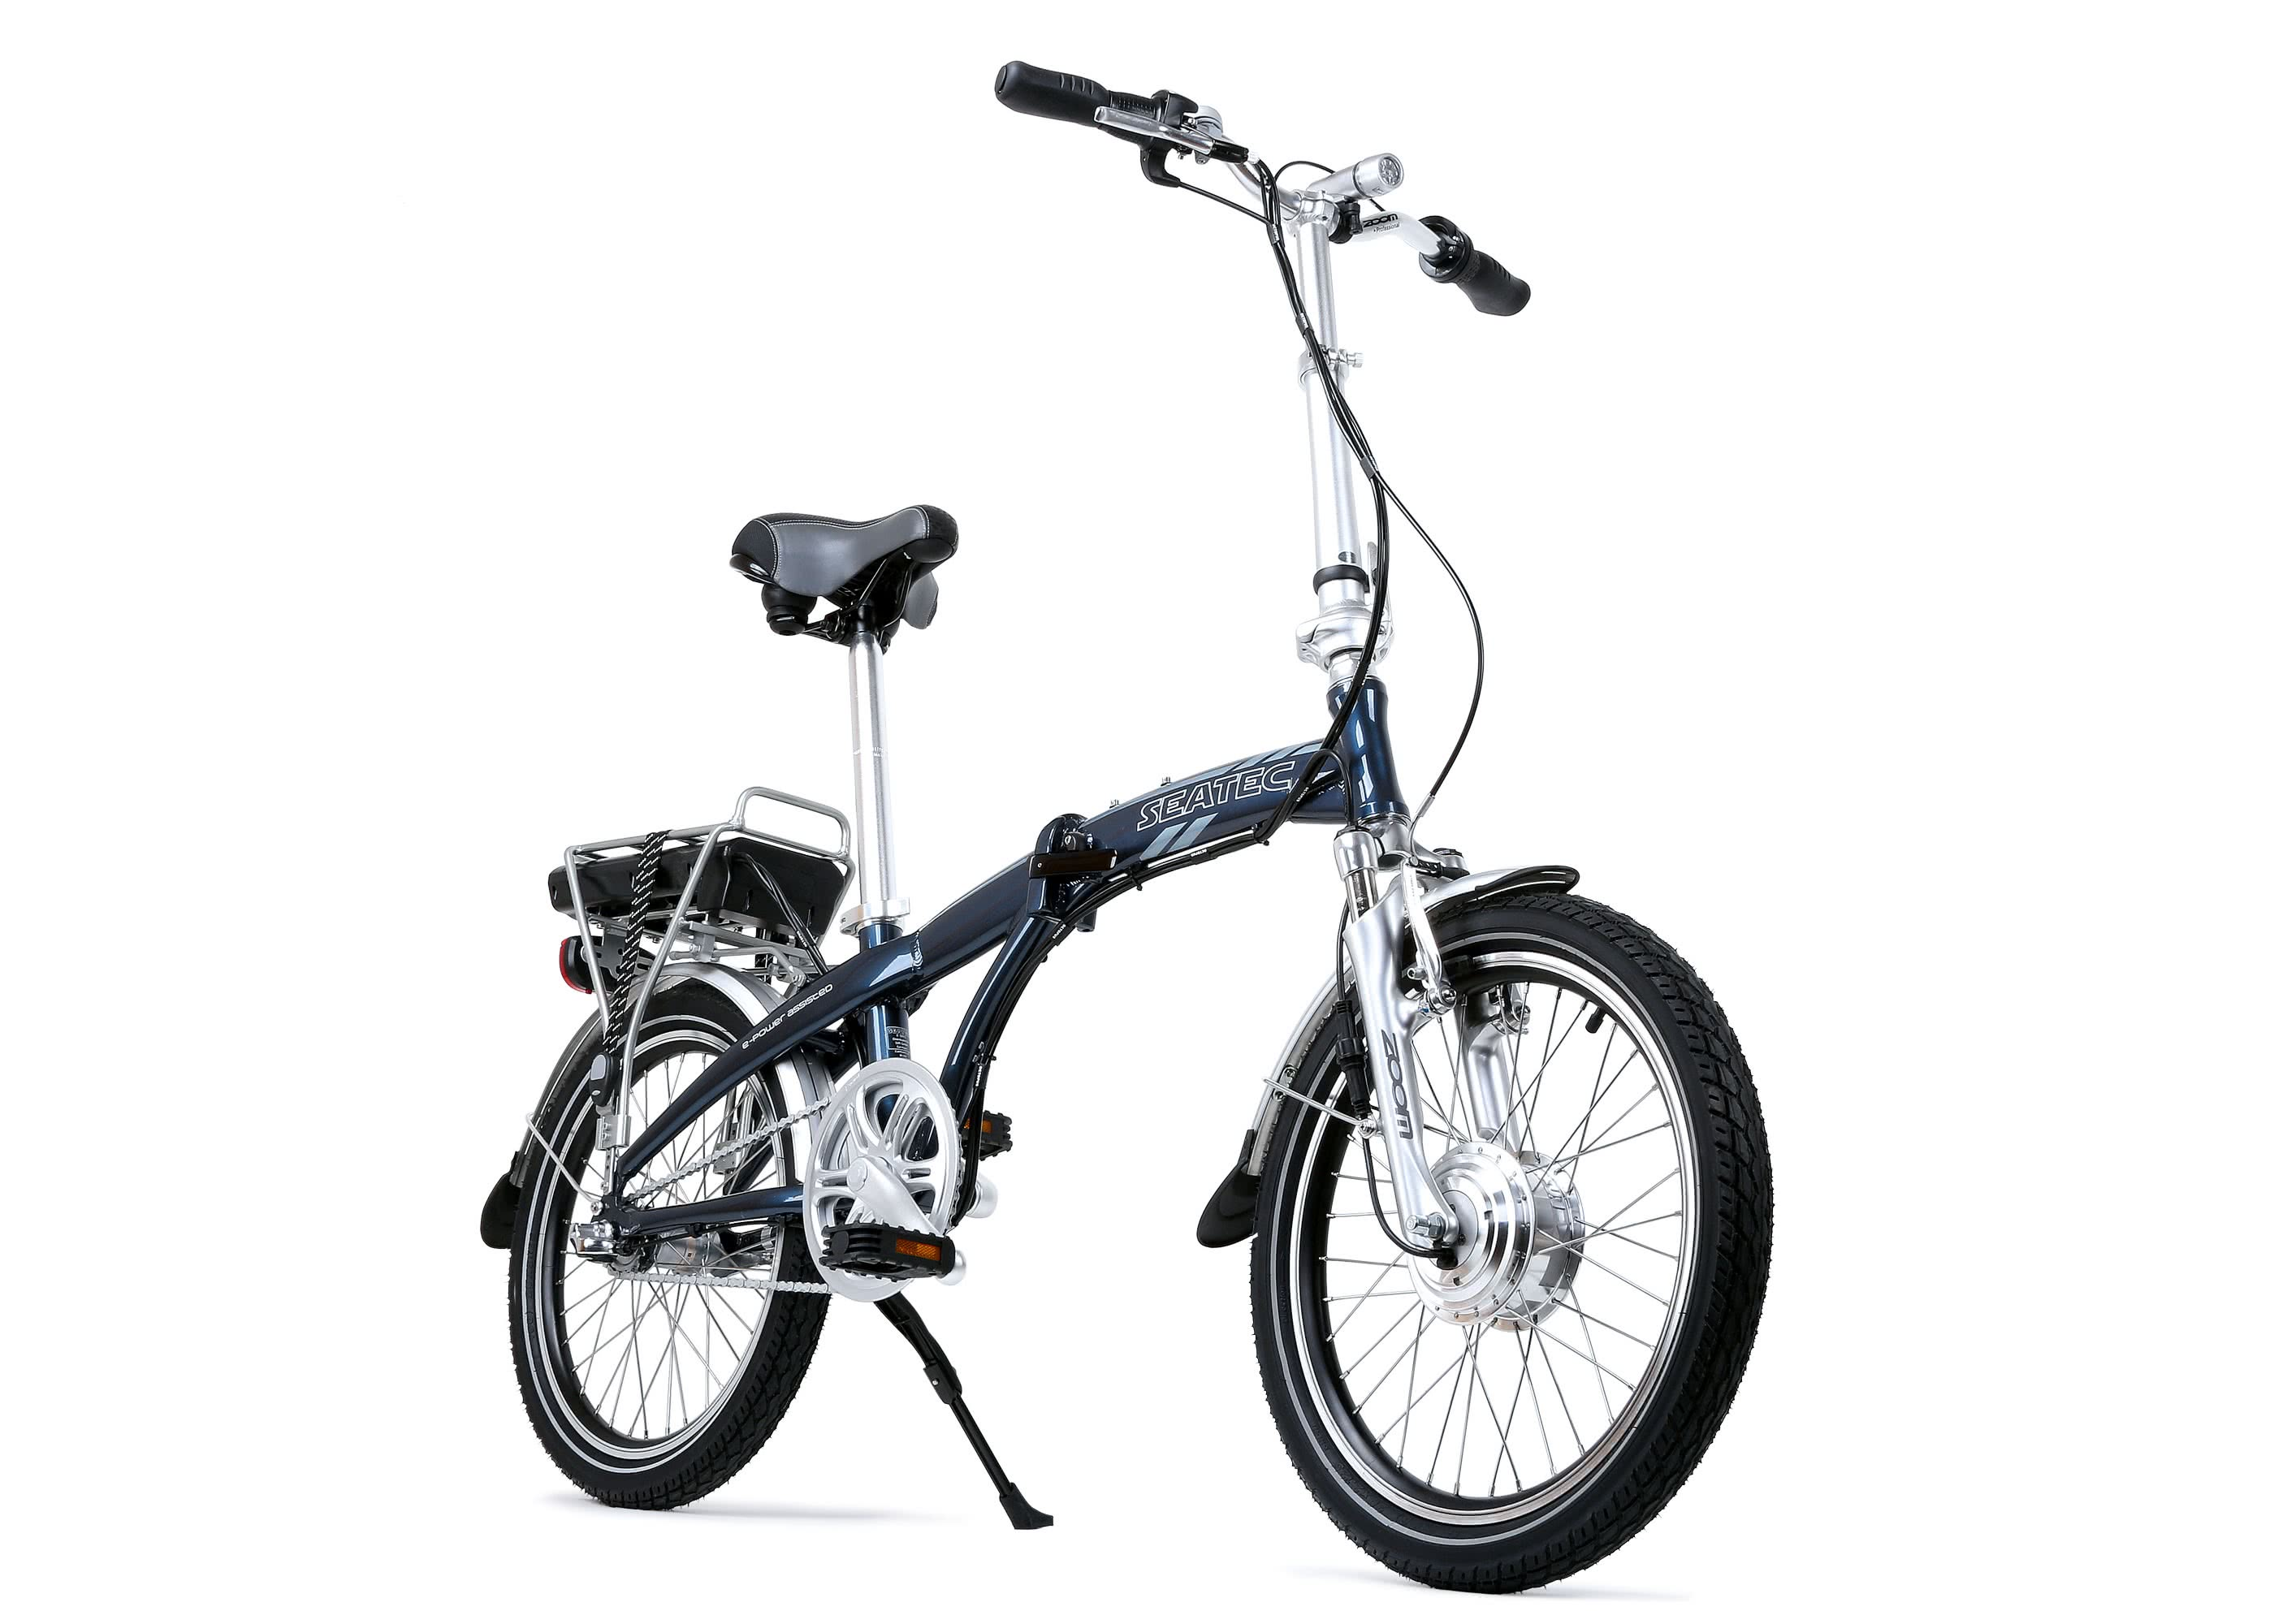 86092_SEATEC_Elektro-Bord-Fahrrad-BLIZZARD.jpg